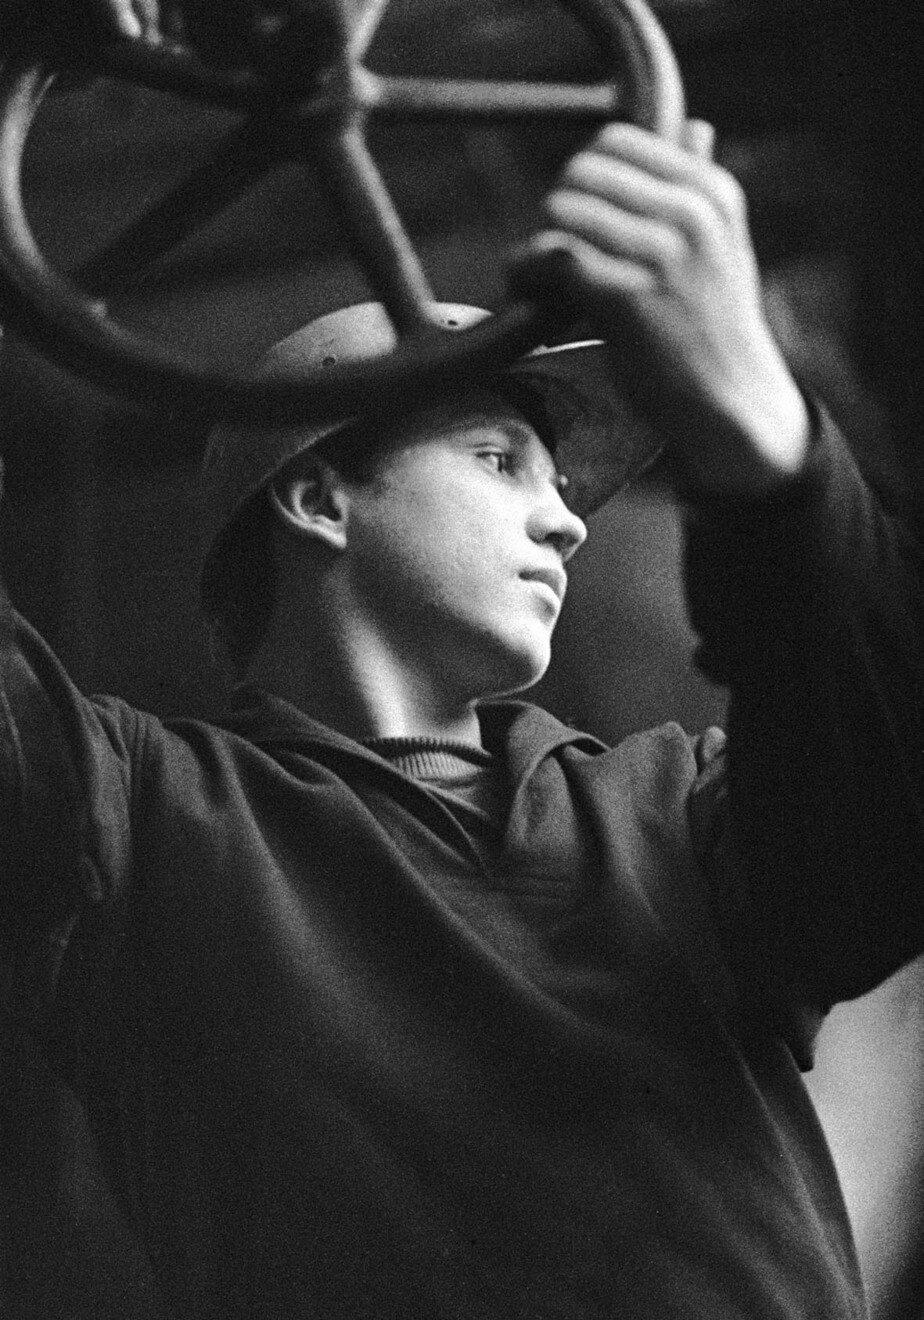 Четырнадцать уникальных фотографий, сделанных в Калининграде в 1950-90-х: ищем героев старых снимков   - Новости Калининграда   Из фондов Калининградского музея изобразительных искусств